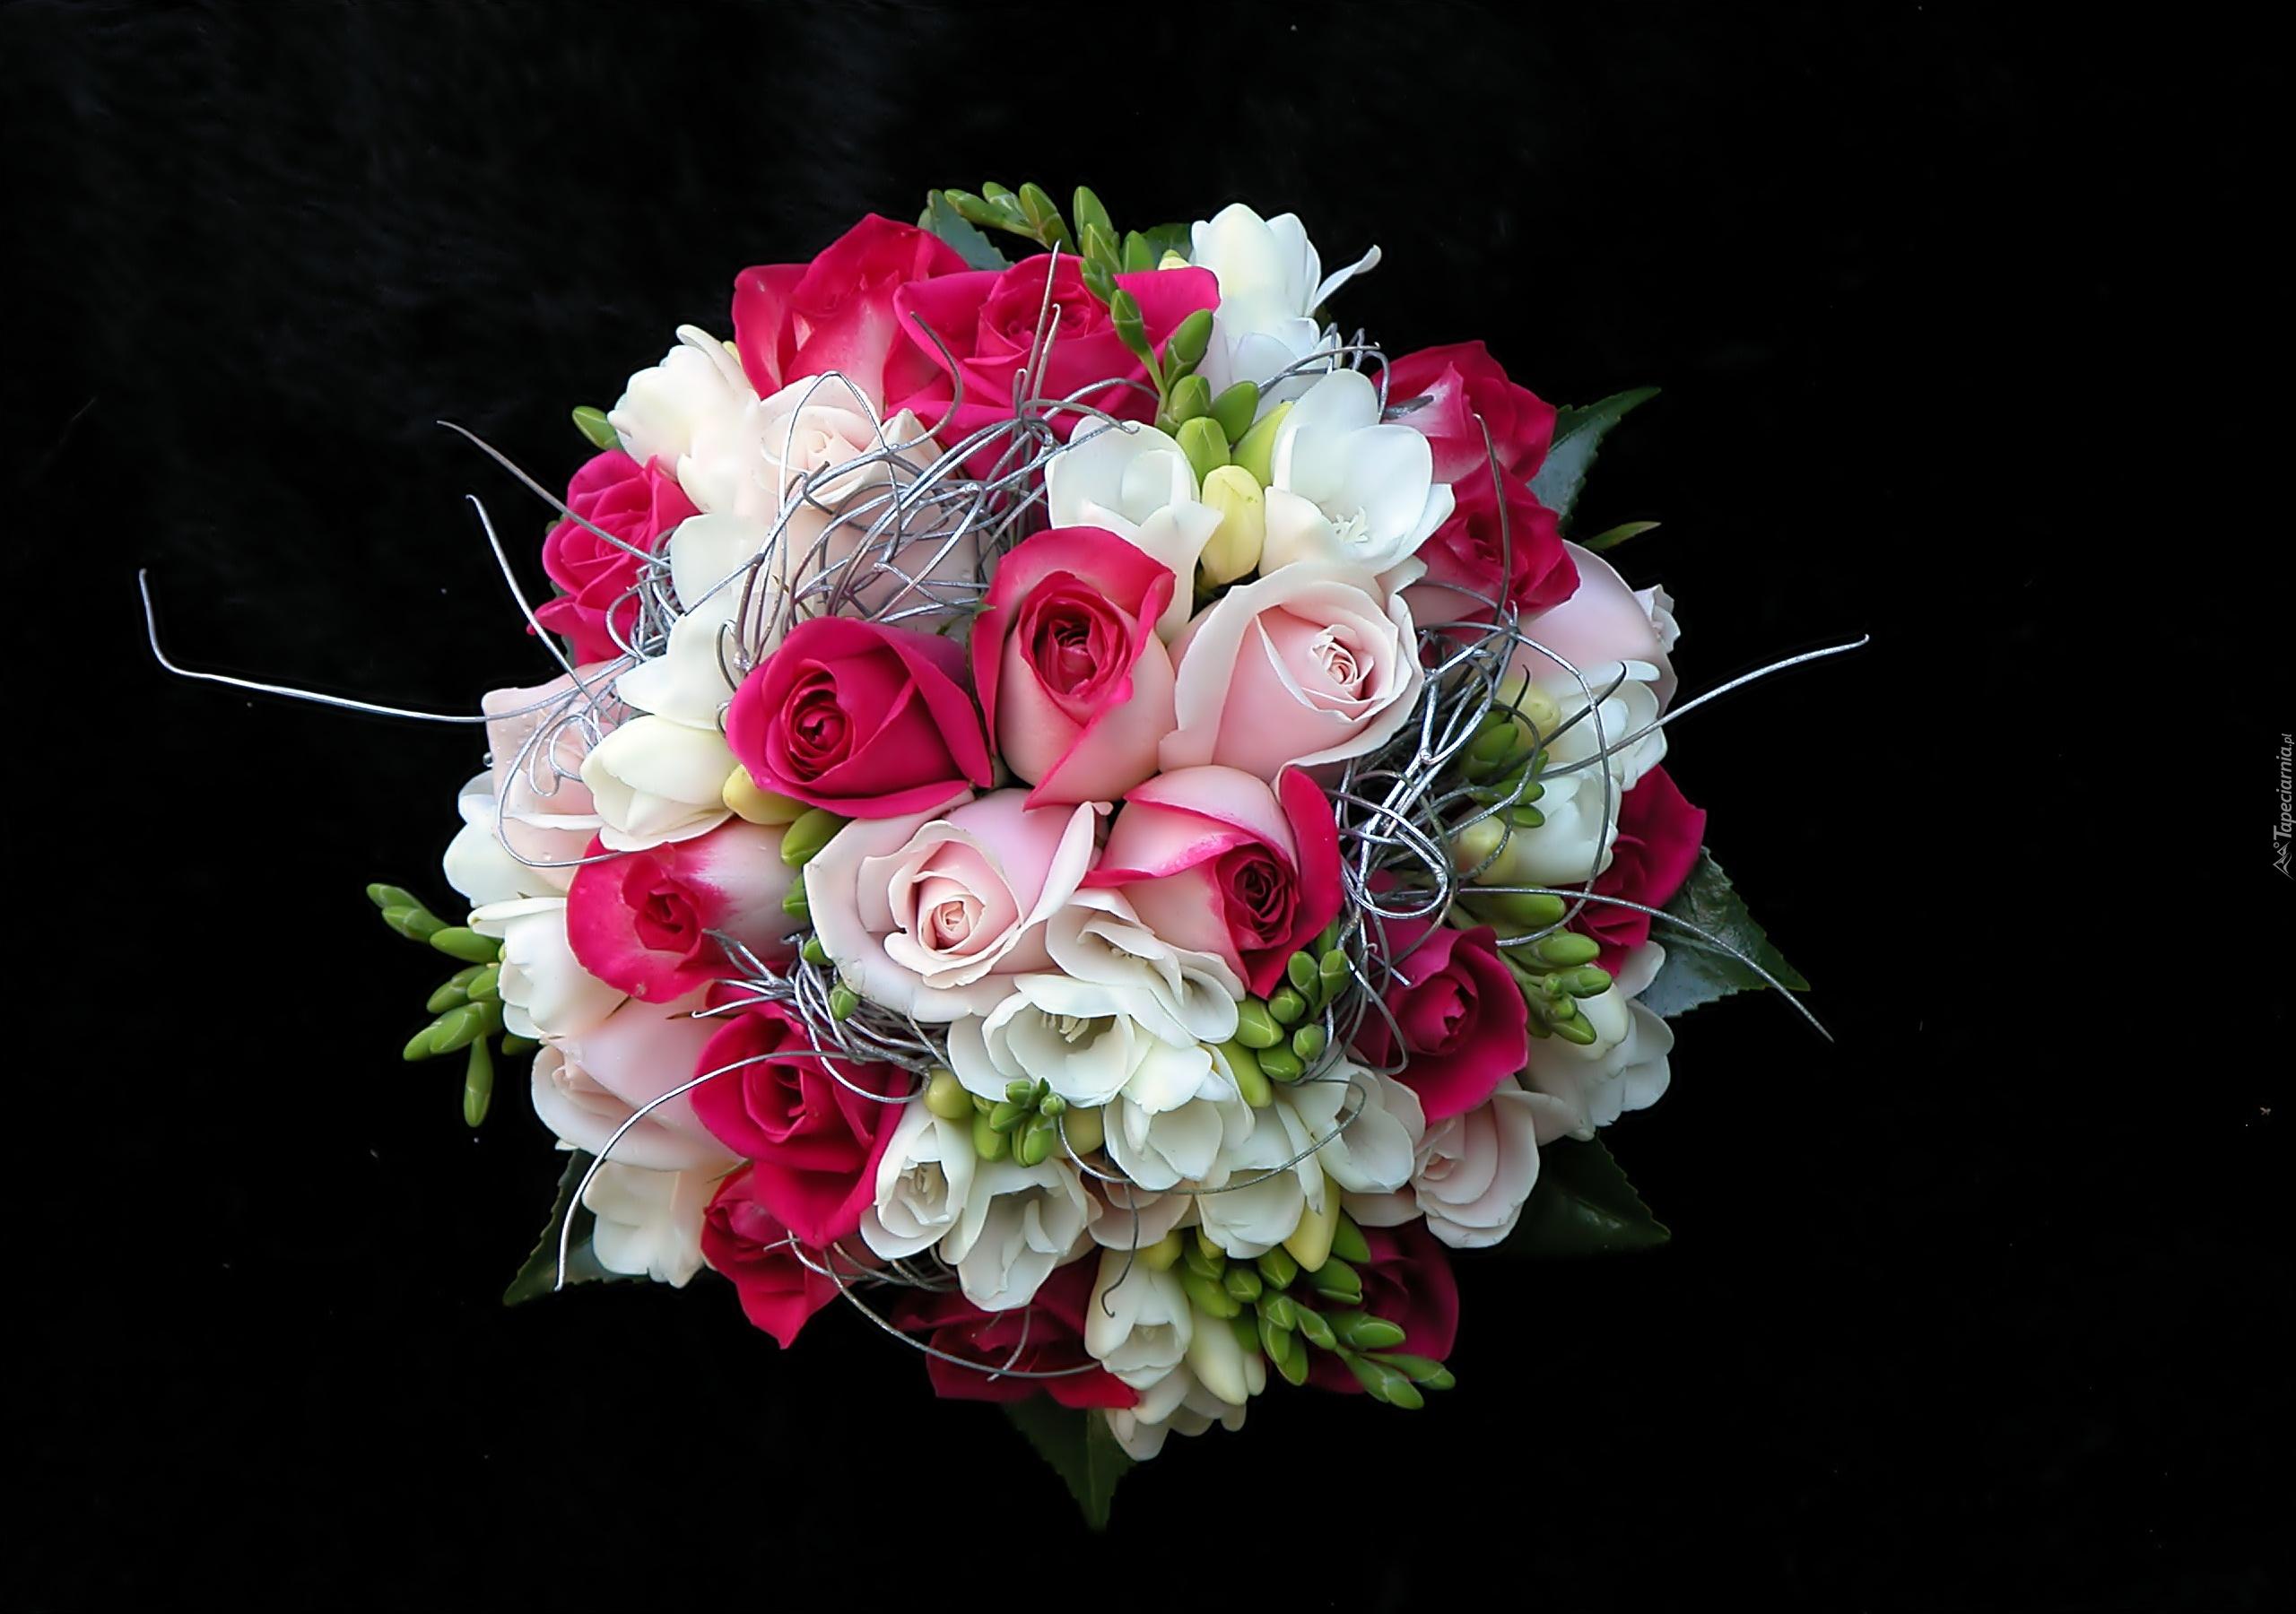 Розы в колбе Купить розы в колбе в Москве  ForeverRoseru